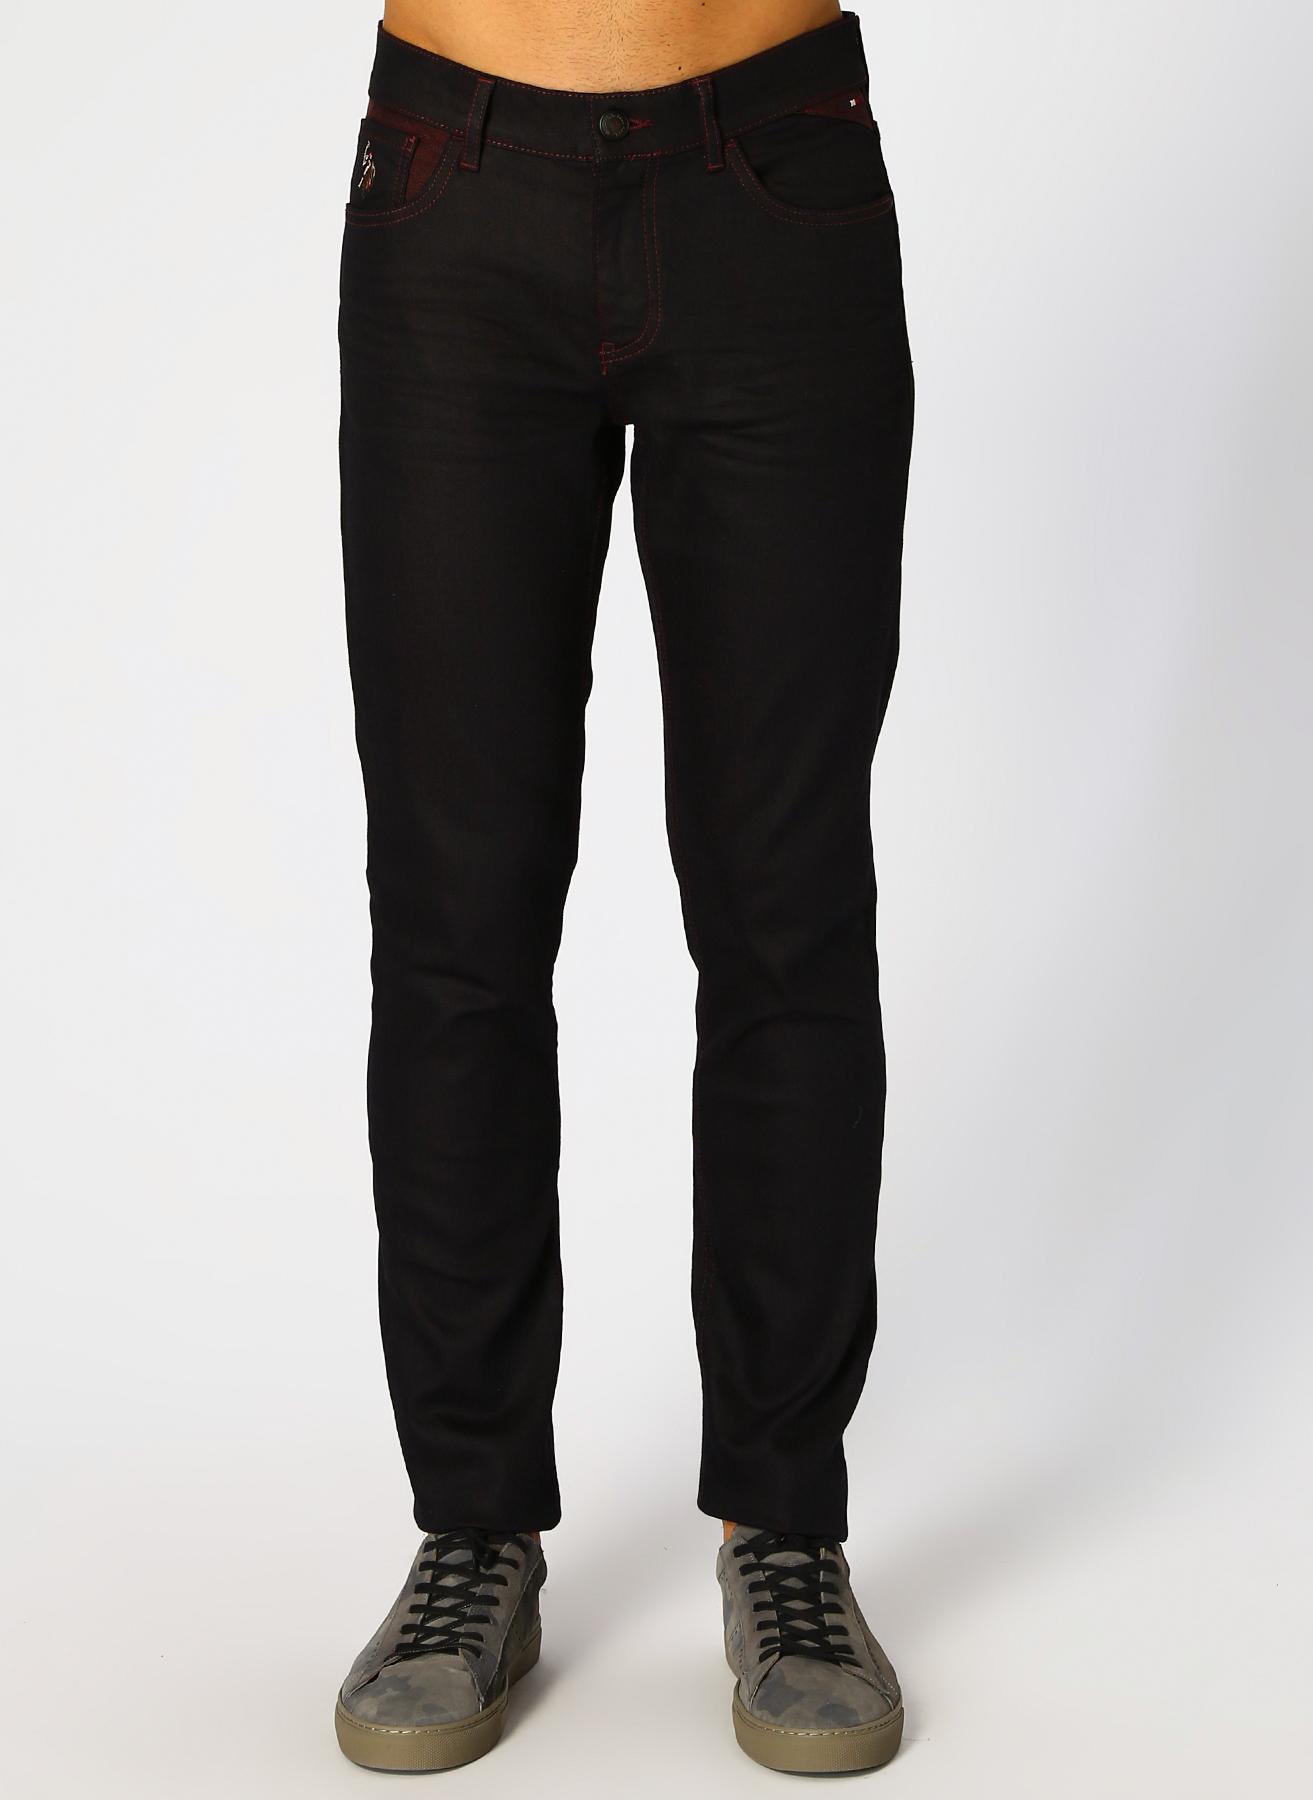 U.S. Polo Assn. Slim Fit Koyu Bordo Denim Pantolon 32-32 5001704811006 Ürün Resmi